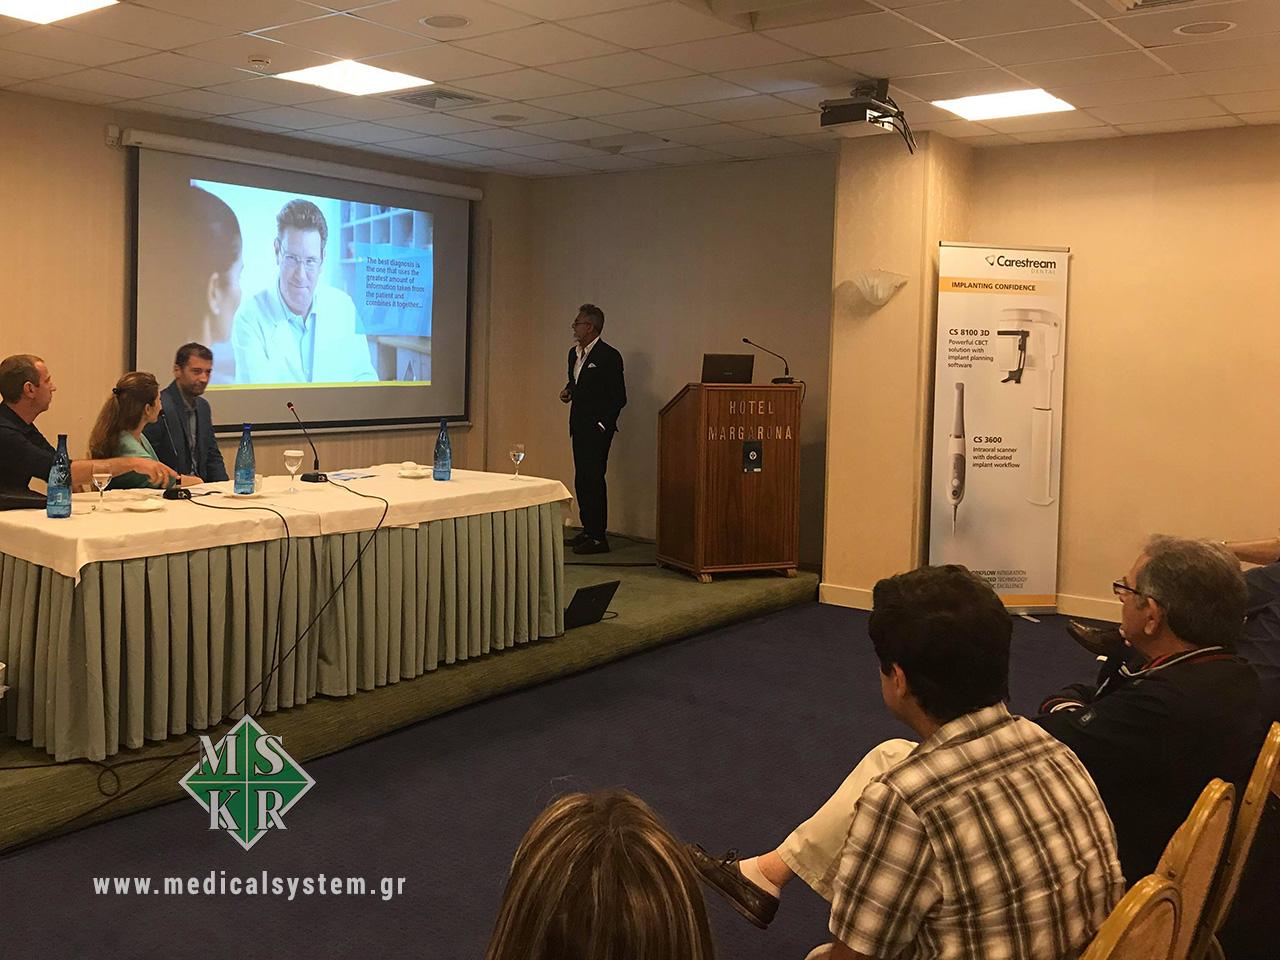 Mario Millazzo σε εκπαιδευτική ημερίδα του οδοντιατρικού συλλόγου Πρέβεζας για την ψηφιακή απεικόνιση και το 3D στην οδοντιατρική